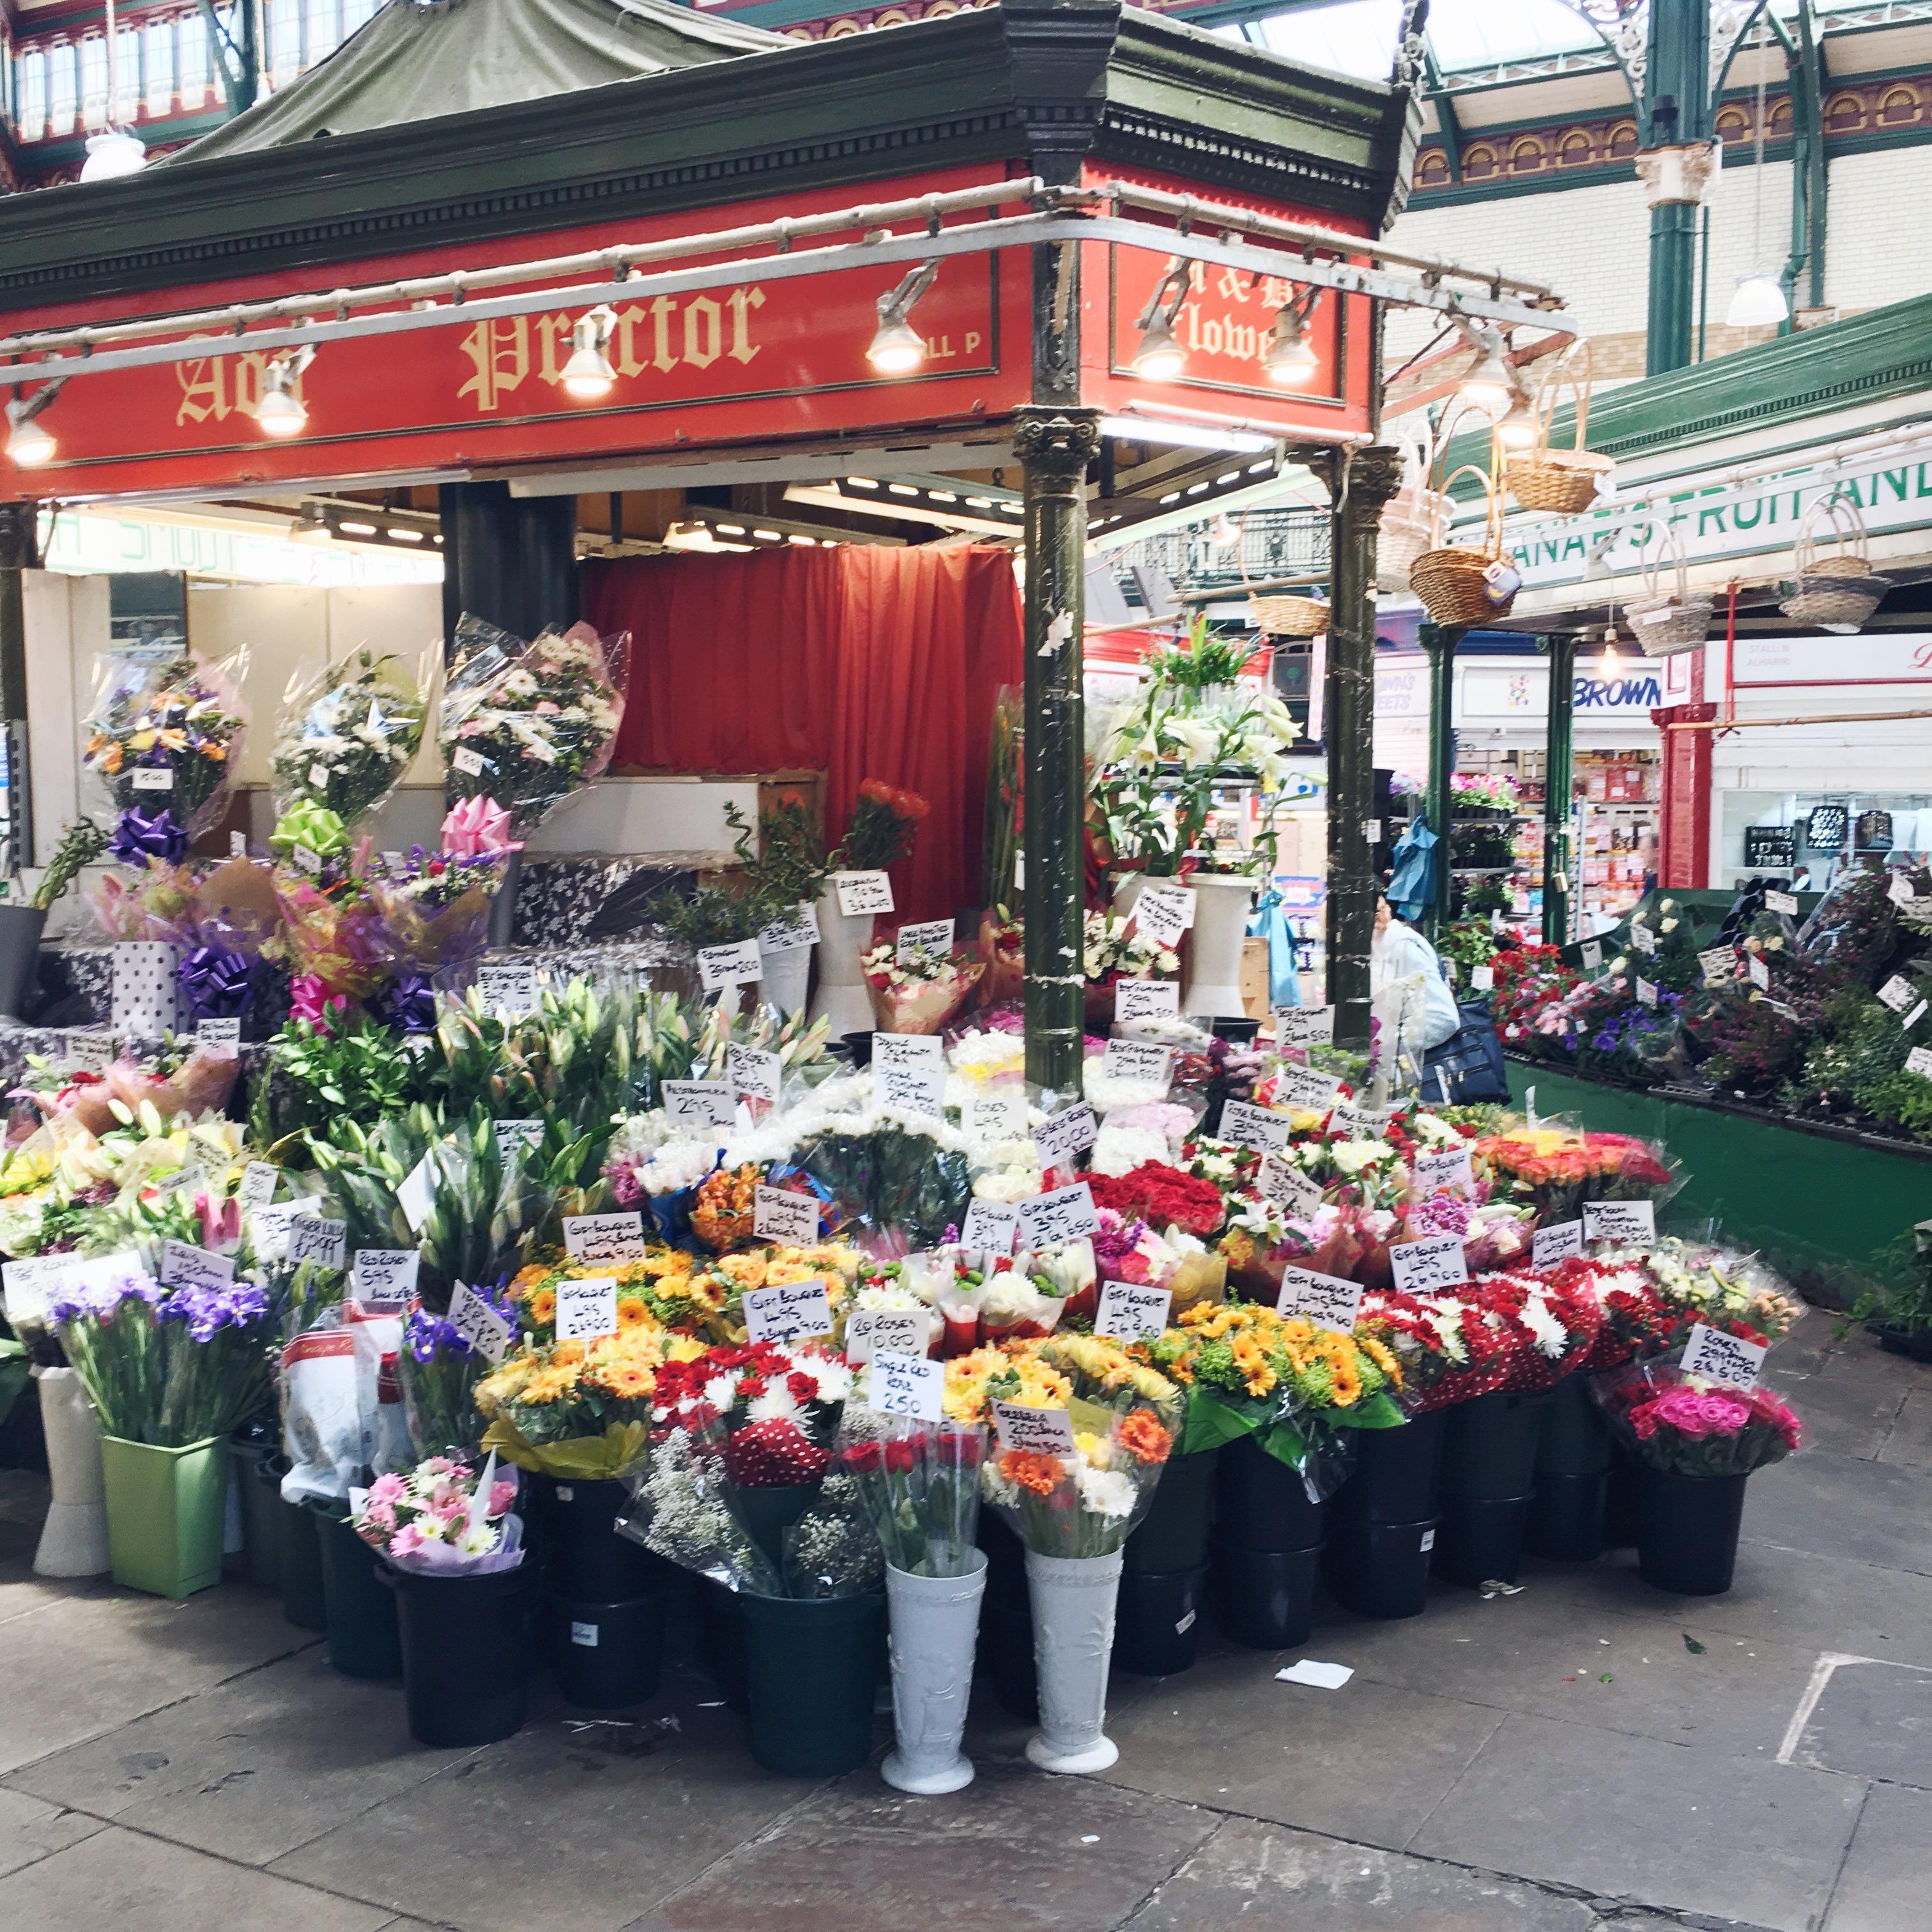 Leeds market flower stall